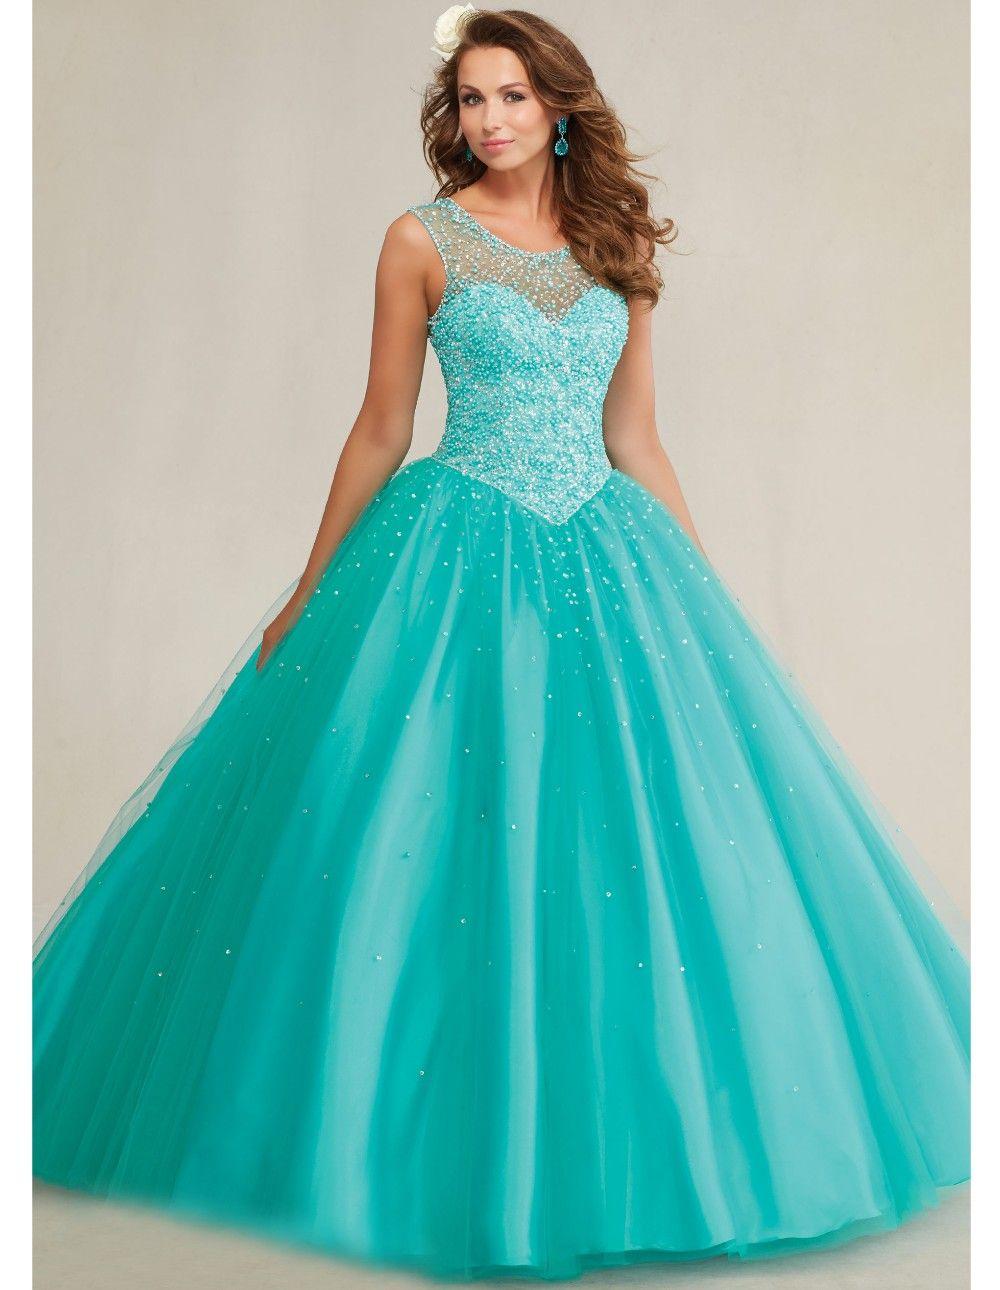 f6d4494b6e Aliexpress.com  Comprar Quinceanera 15 años vestidos de 15 años 2015 azul  del dulce 16 vestidos de la muchacha cristalina del partido de la mascarada  debut ...